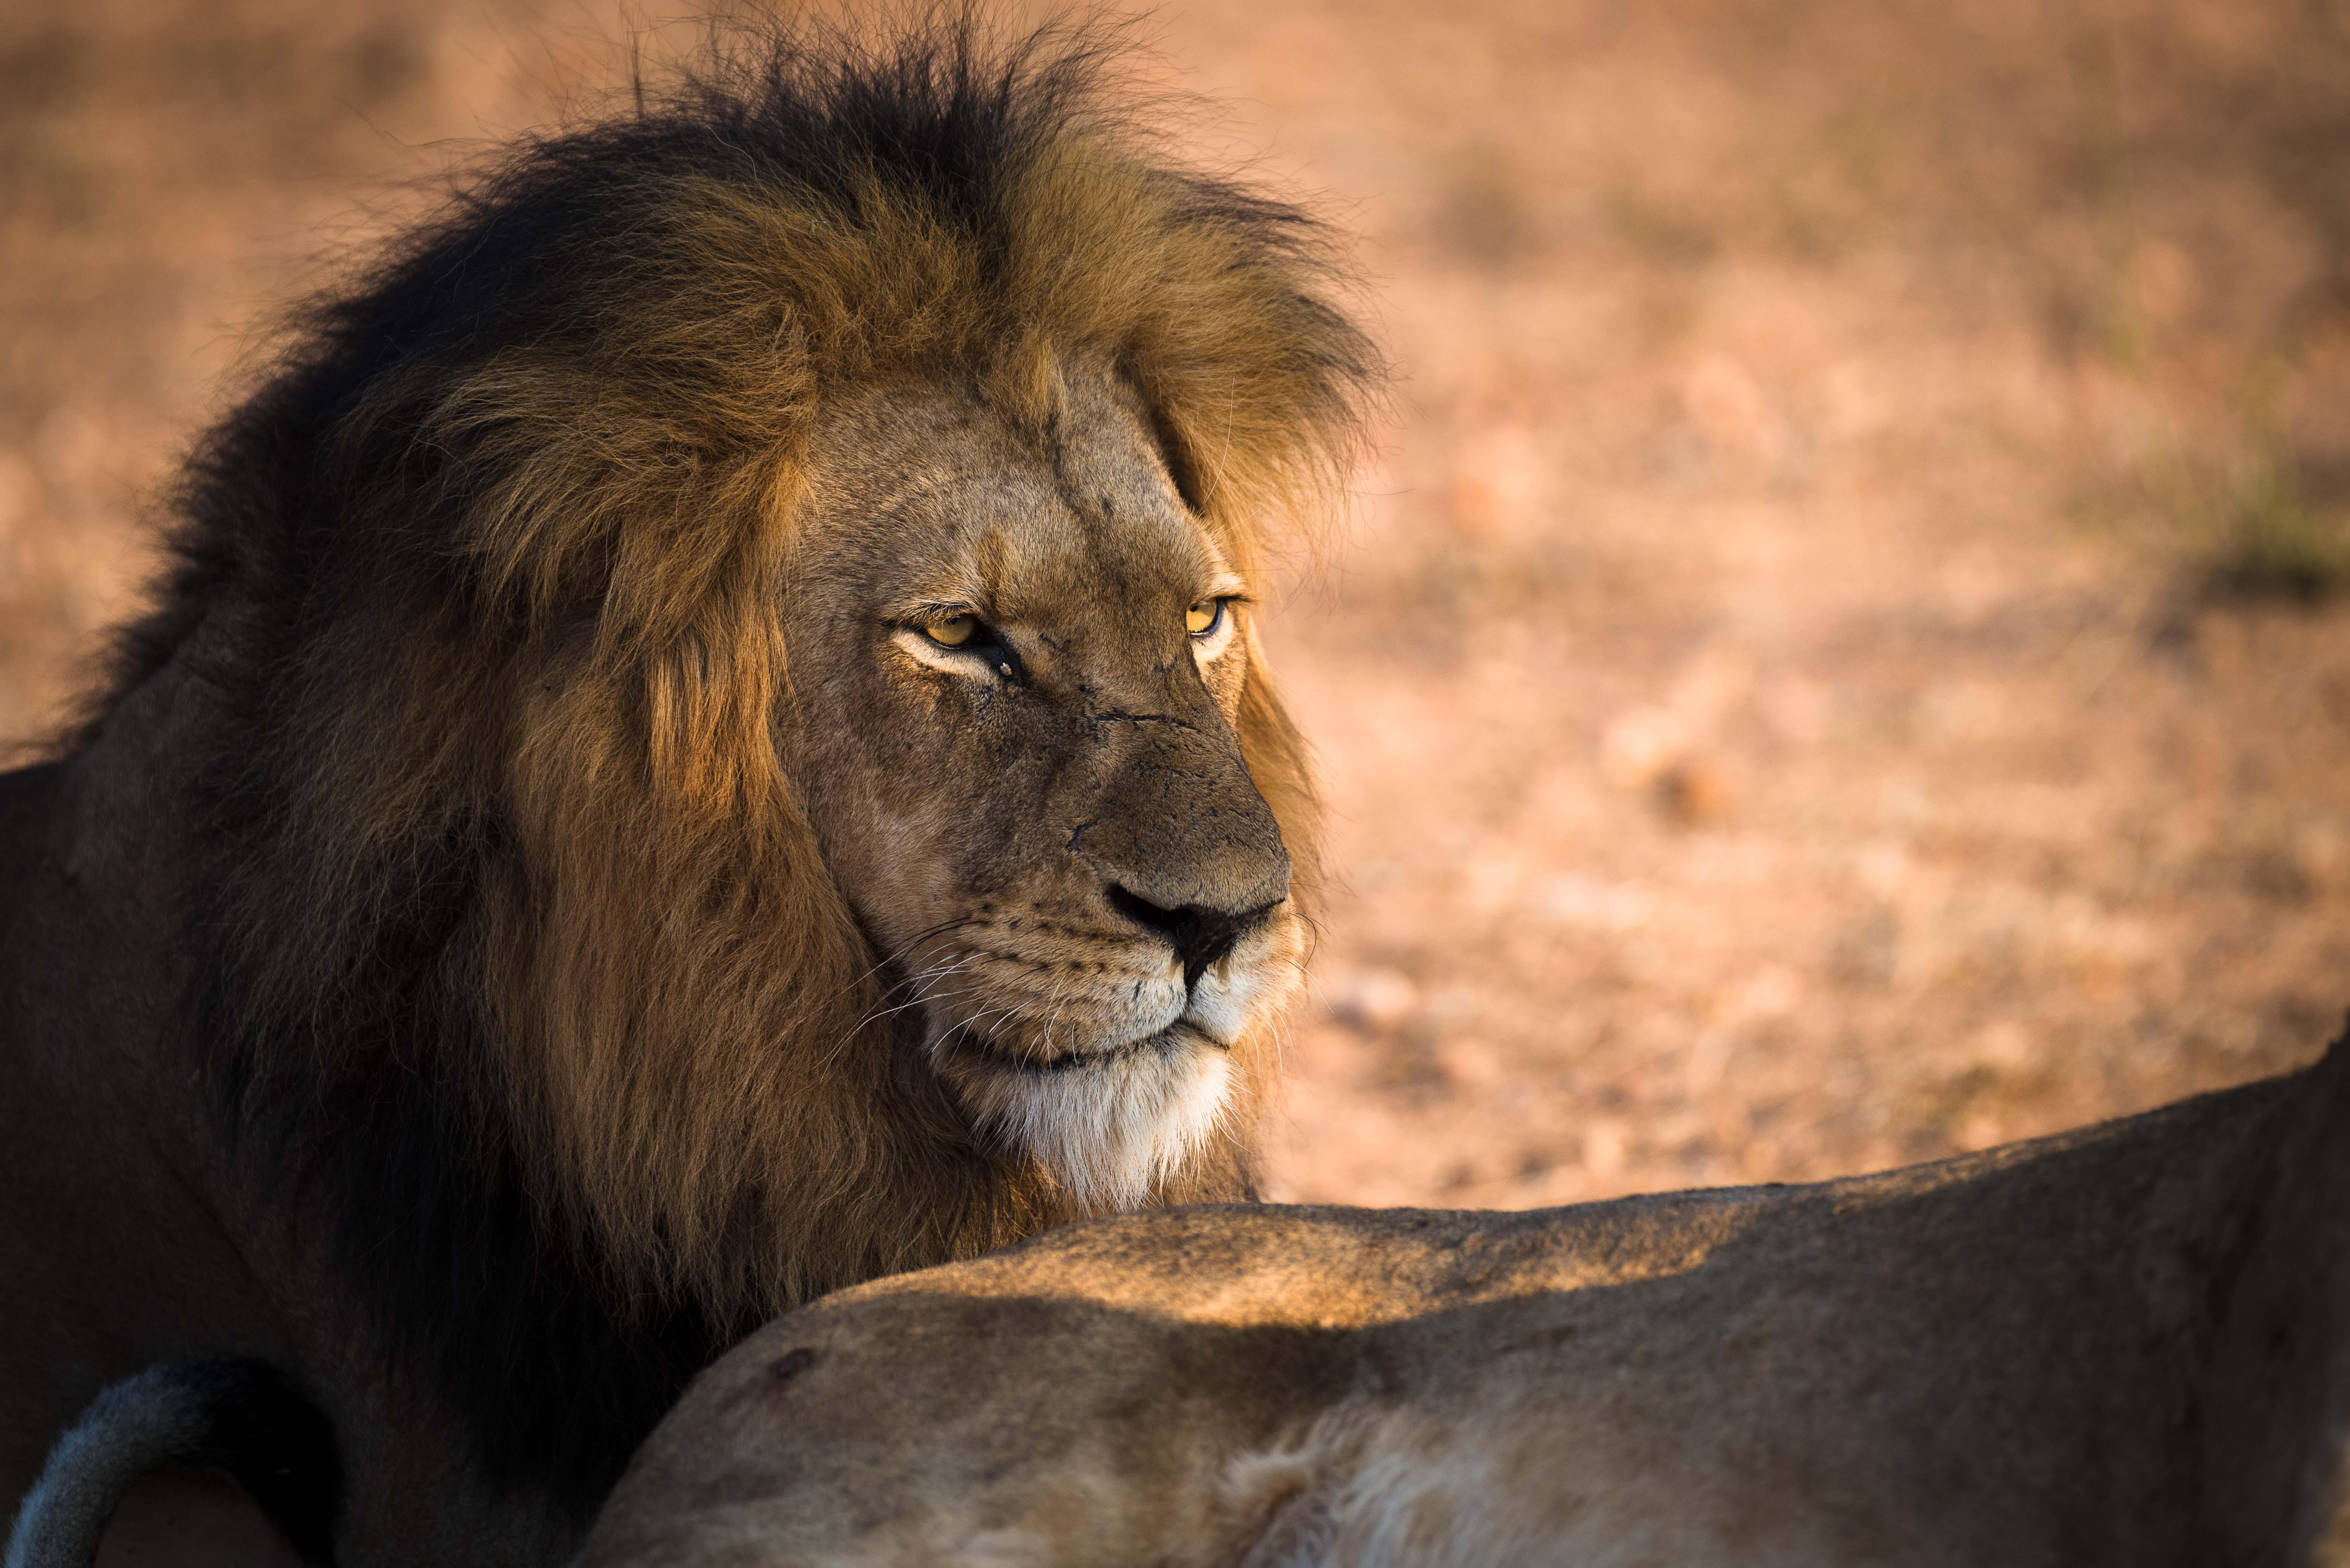 Sfondi natura leone africa nikon pelliccia grandi for Sfondi leone